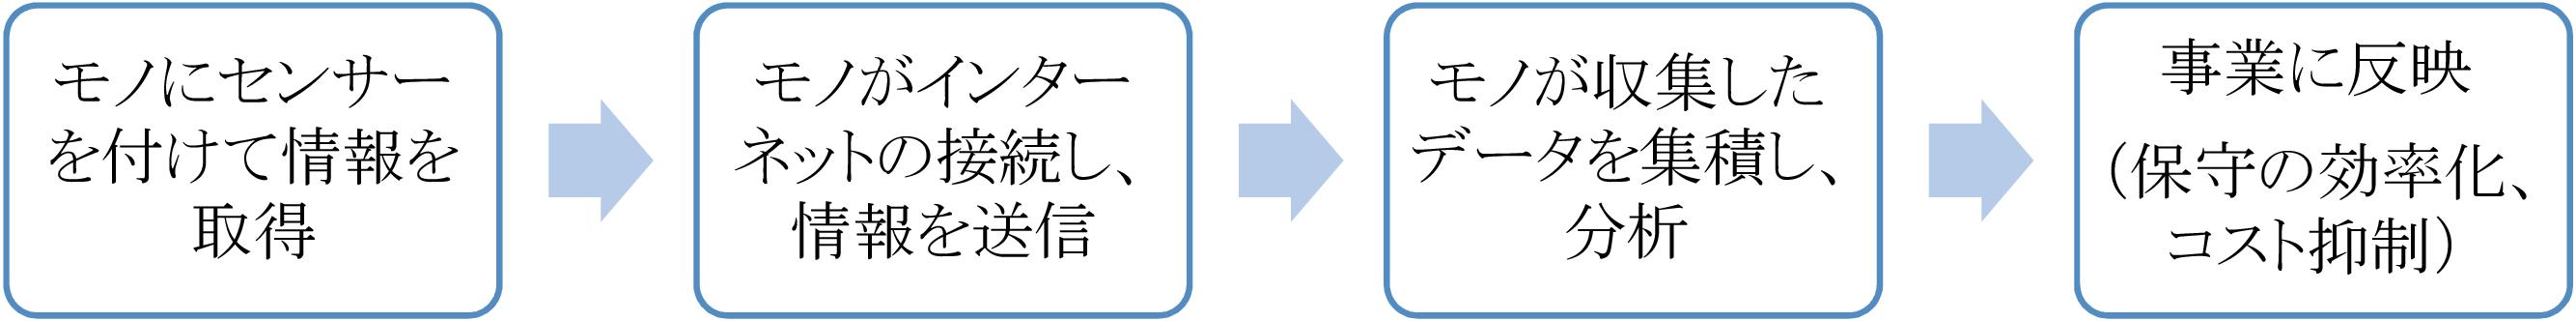 yama02